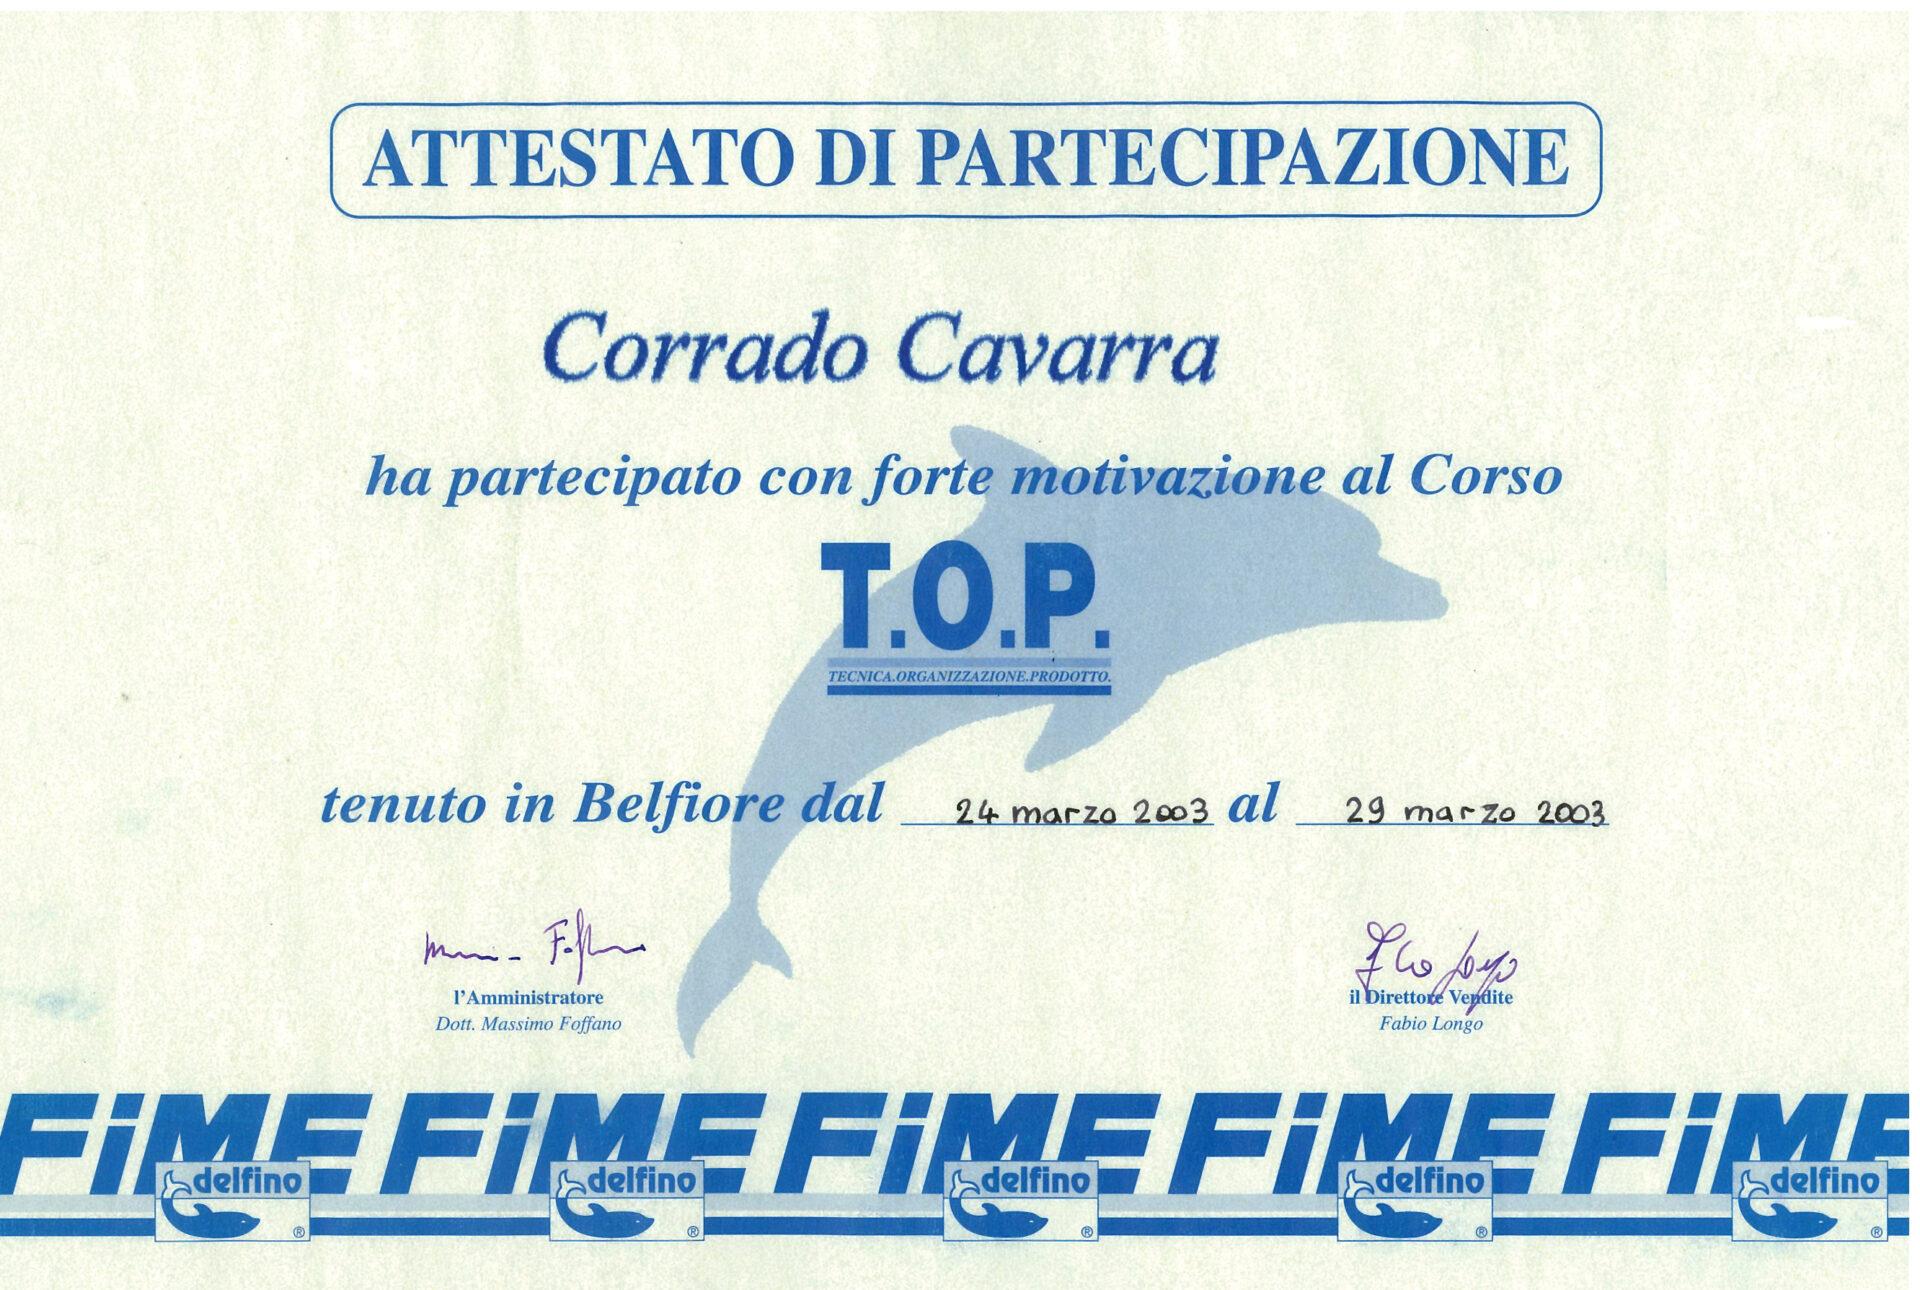 Attestati e riconoscimenti Corrado Cavarra2